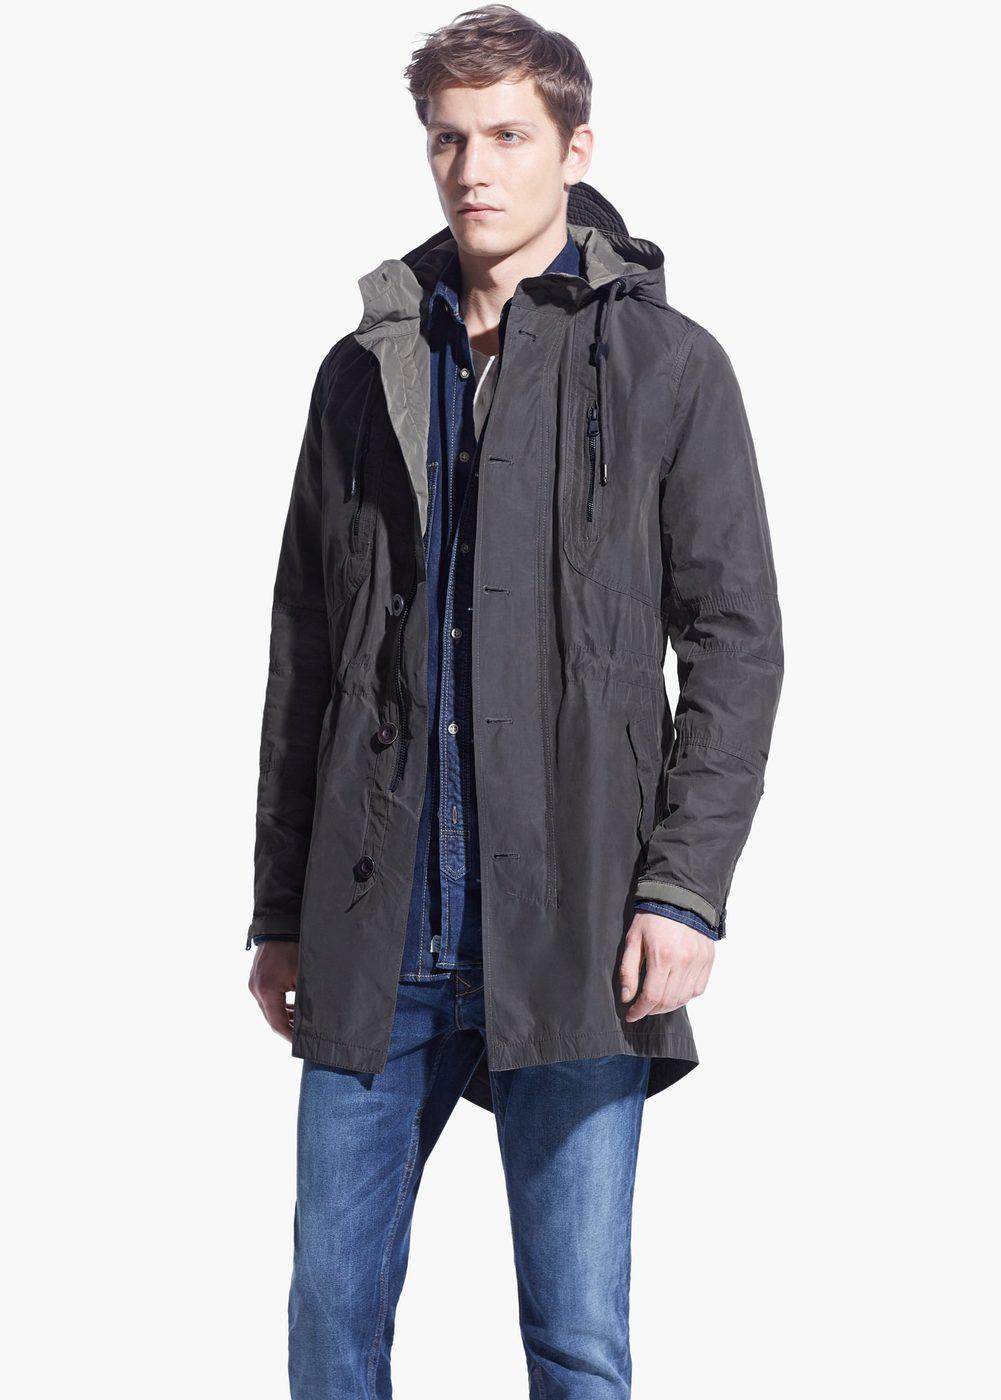 Długa kurtka z kapturem za 108zł (-73%) @ Mango